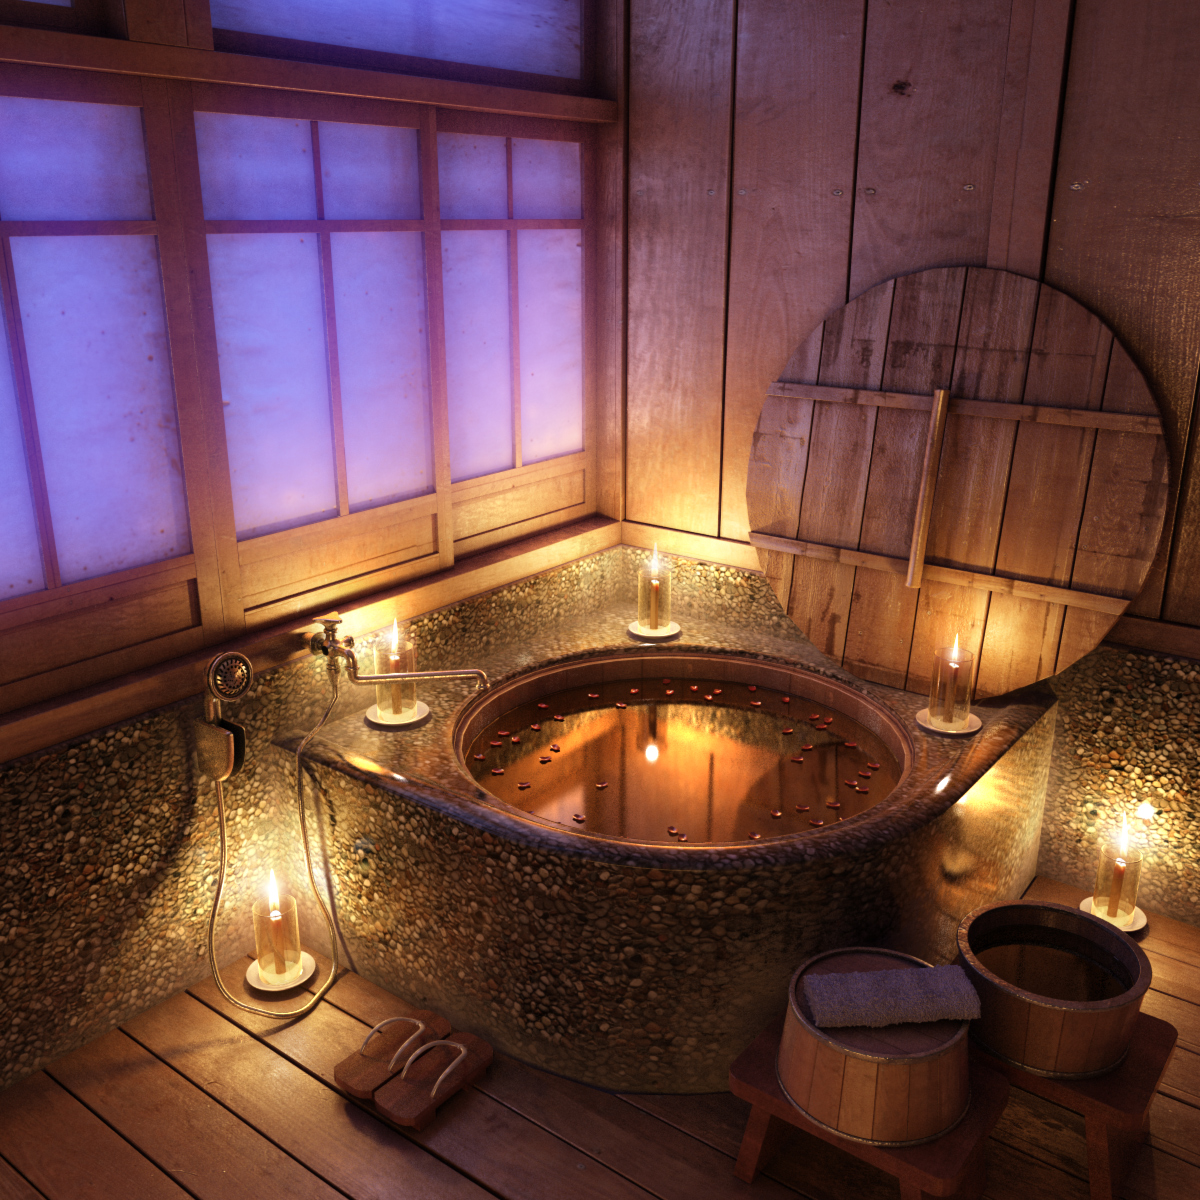 http://3.bp.blogspot.com/-CEYyvJeAL-Q/Tk7NisEhGuI/AAAAAAAAAjc/WWl4TJo6rKE/s1600/Bathroom-scene-Night-time-by-mrhahn98.jpg